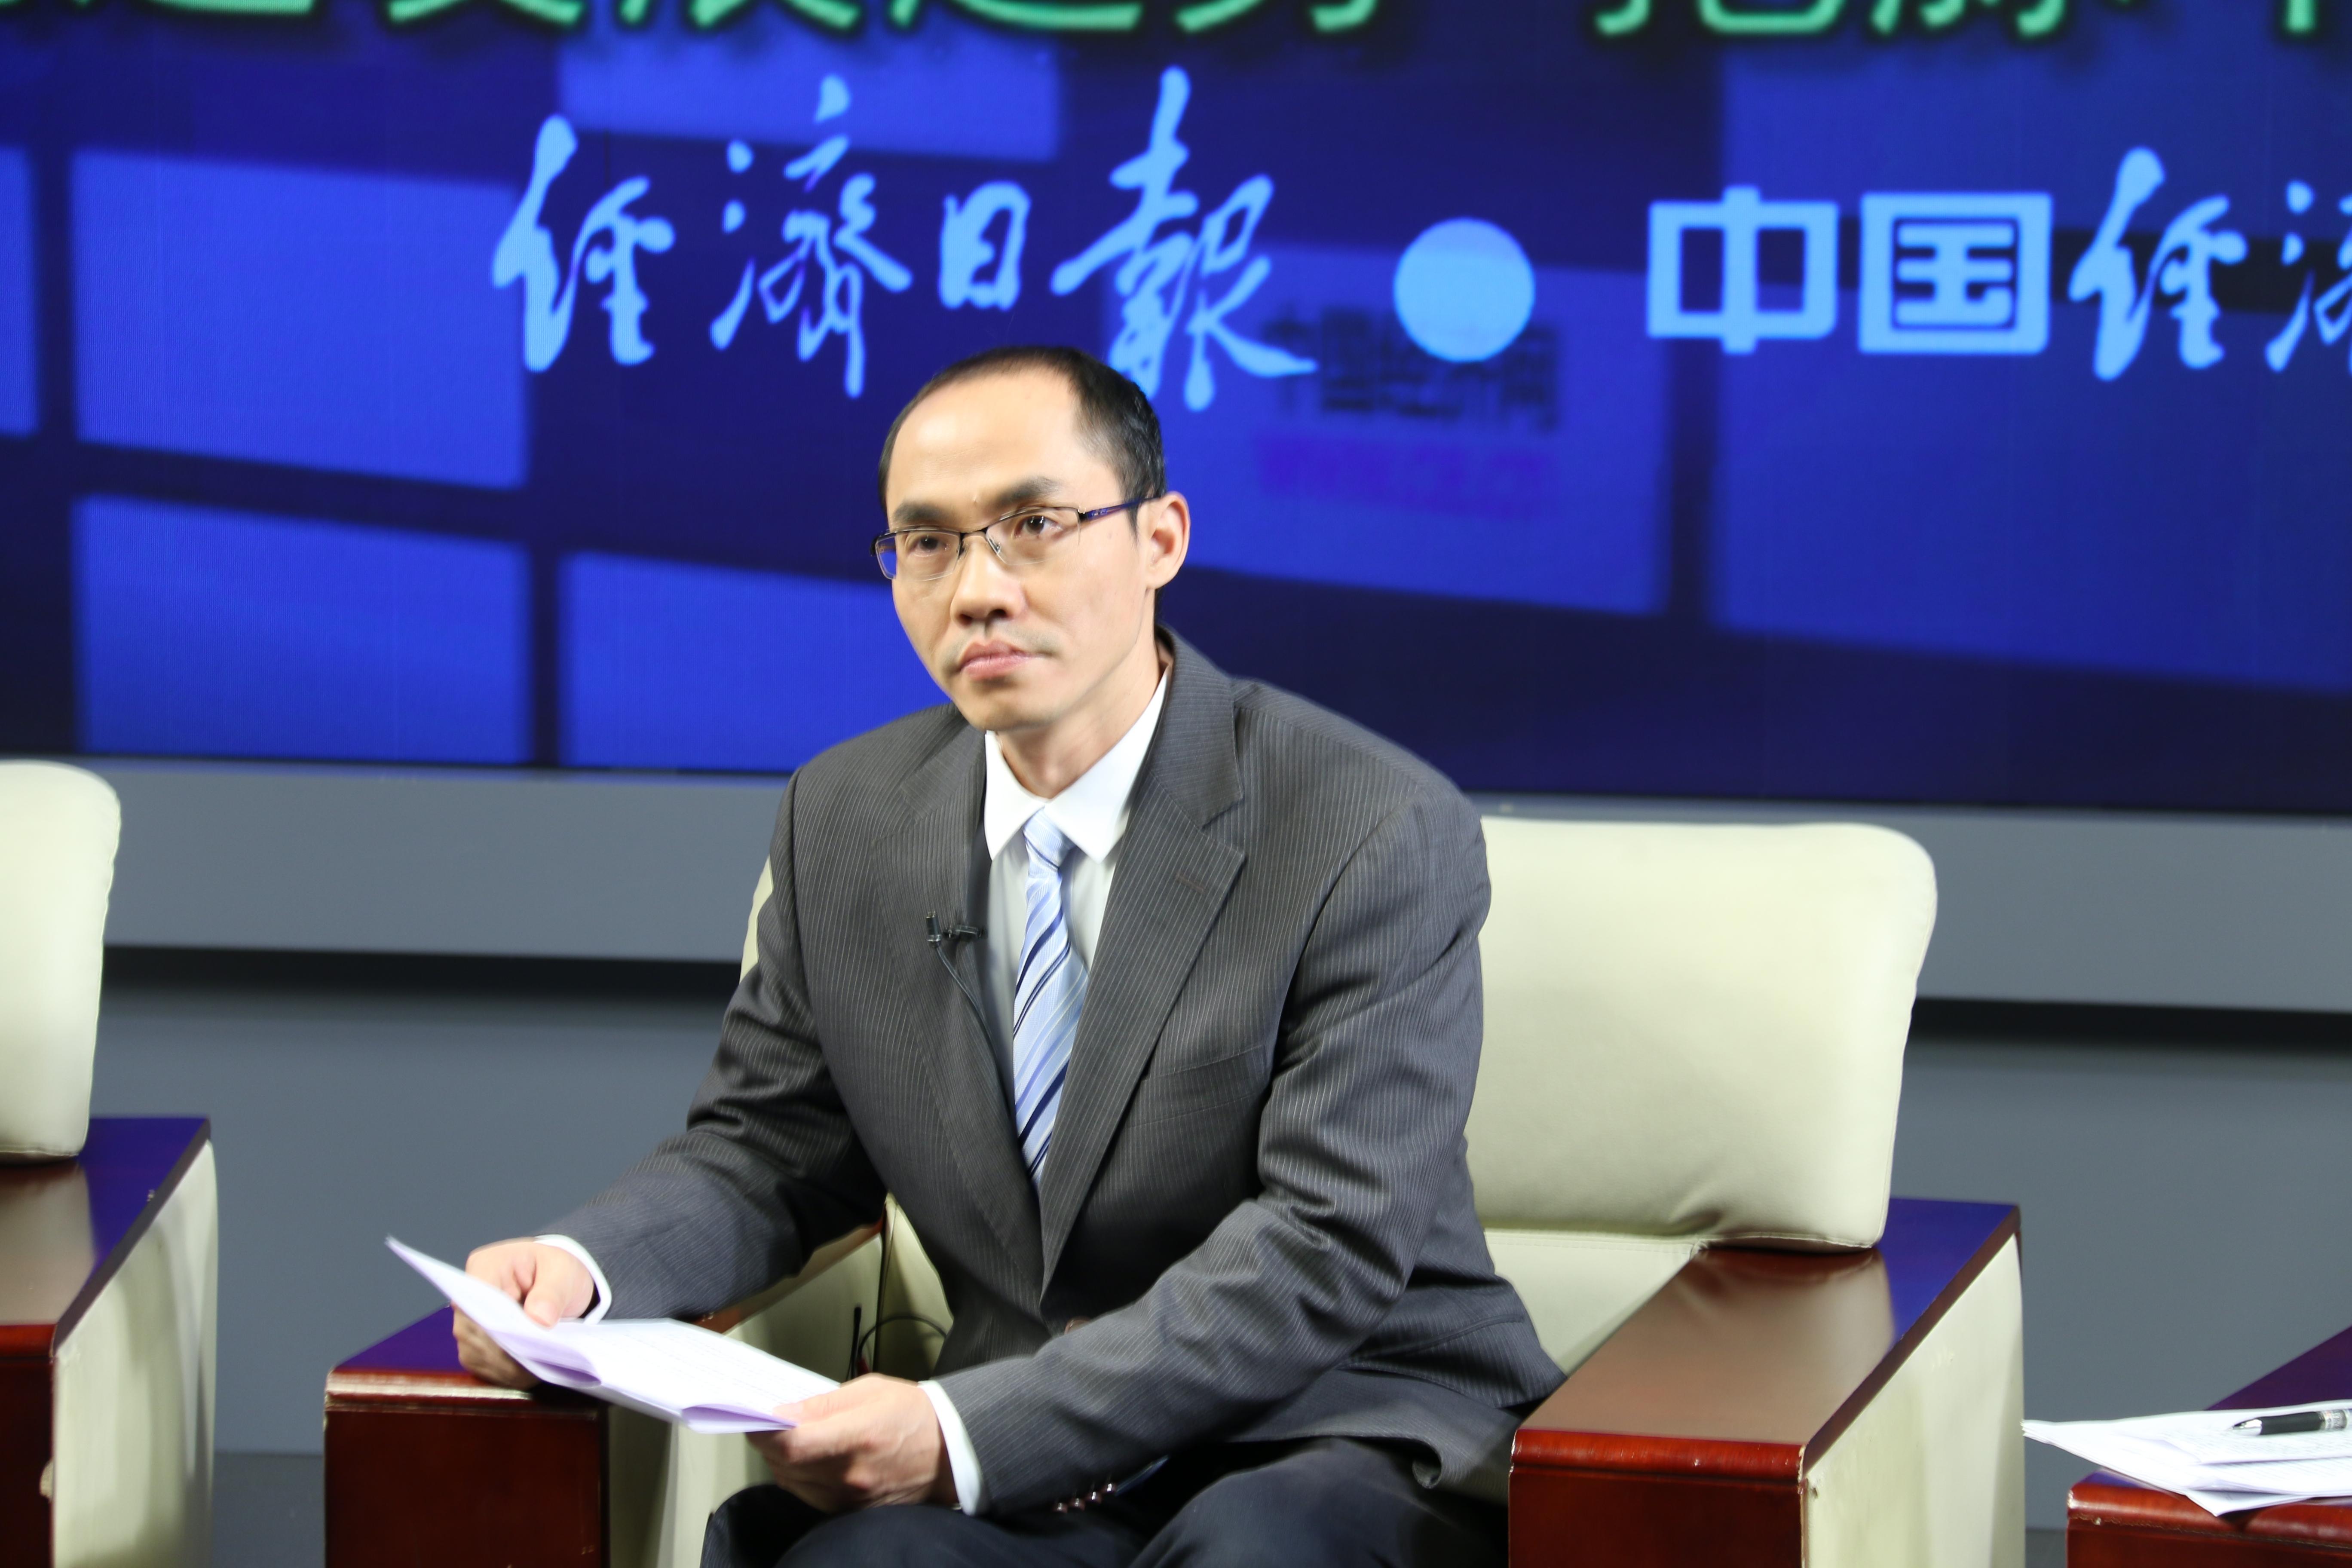 王建勋 阿里巴巴集团副总裁,乡村事业部总经理